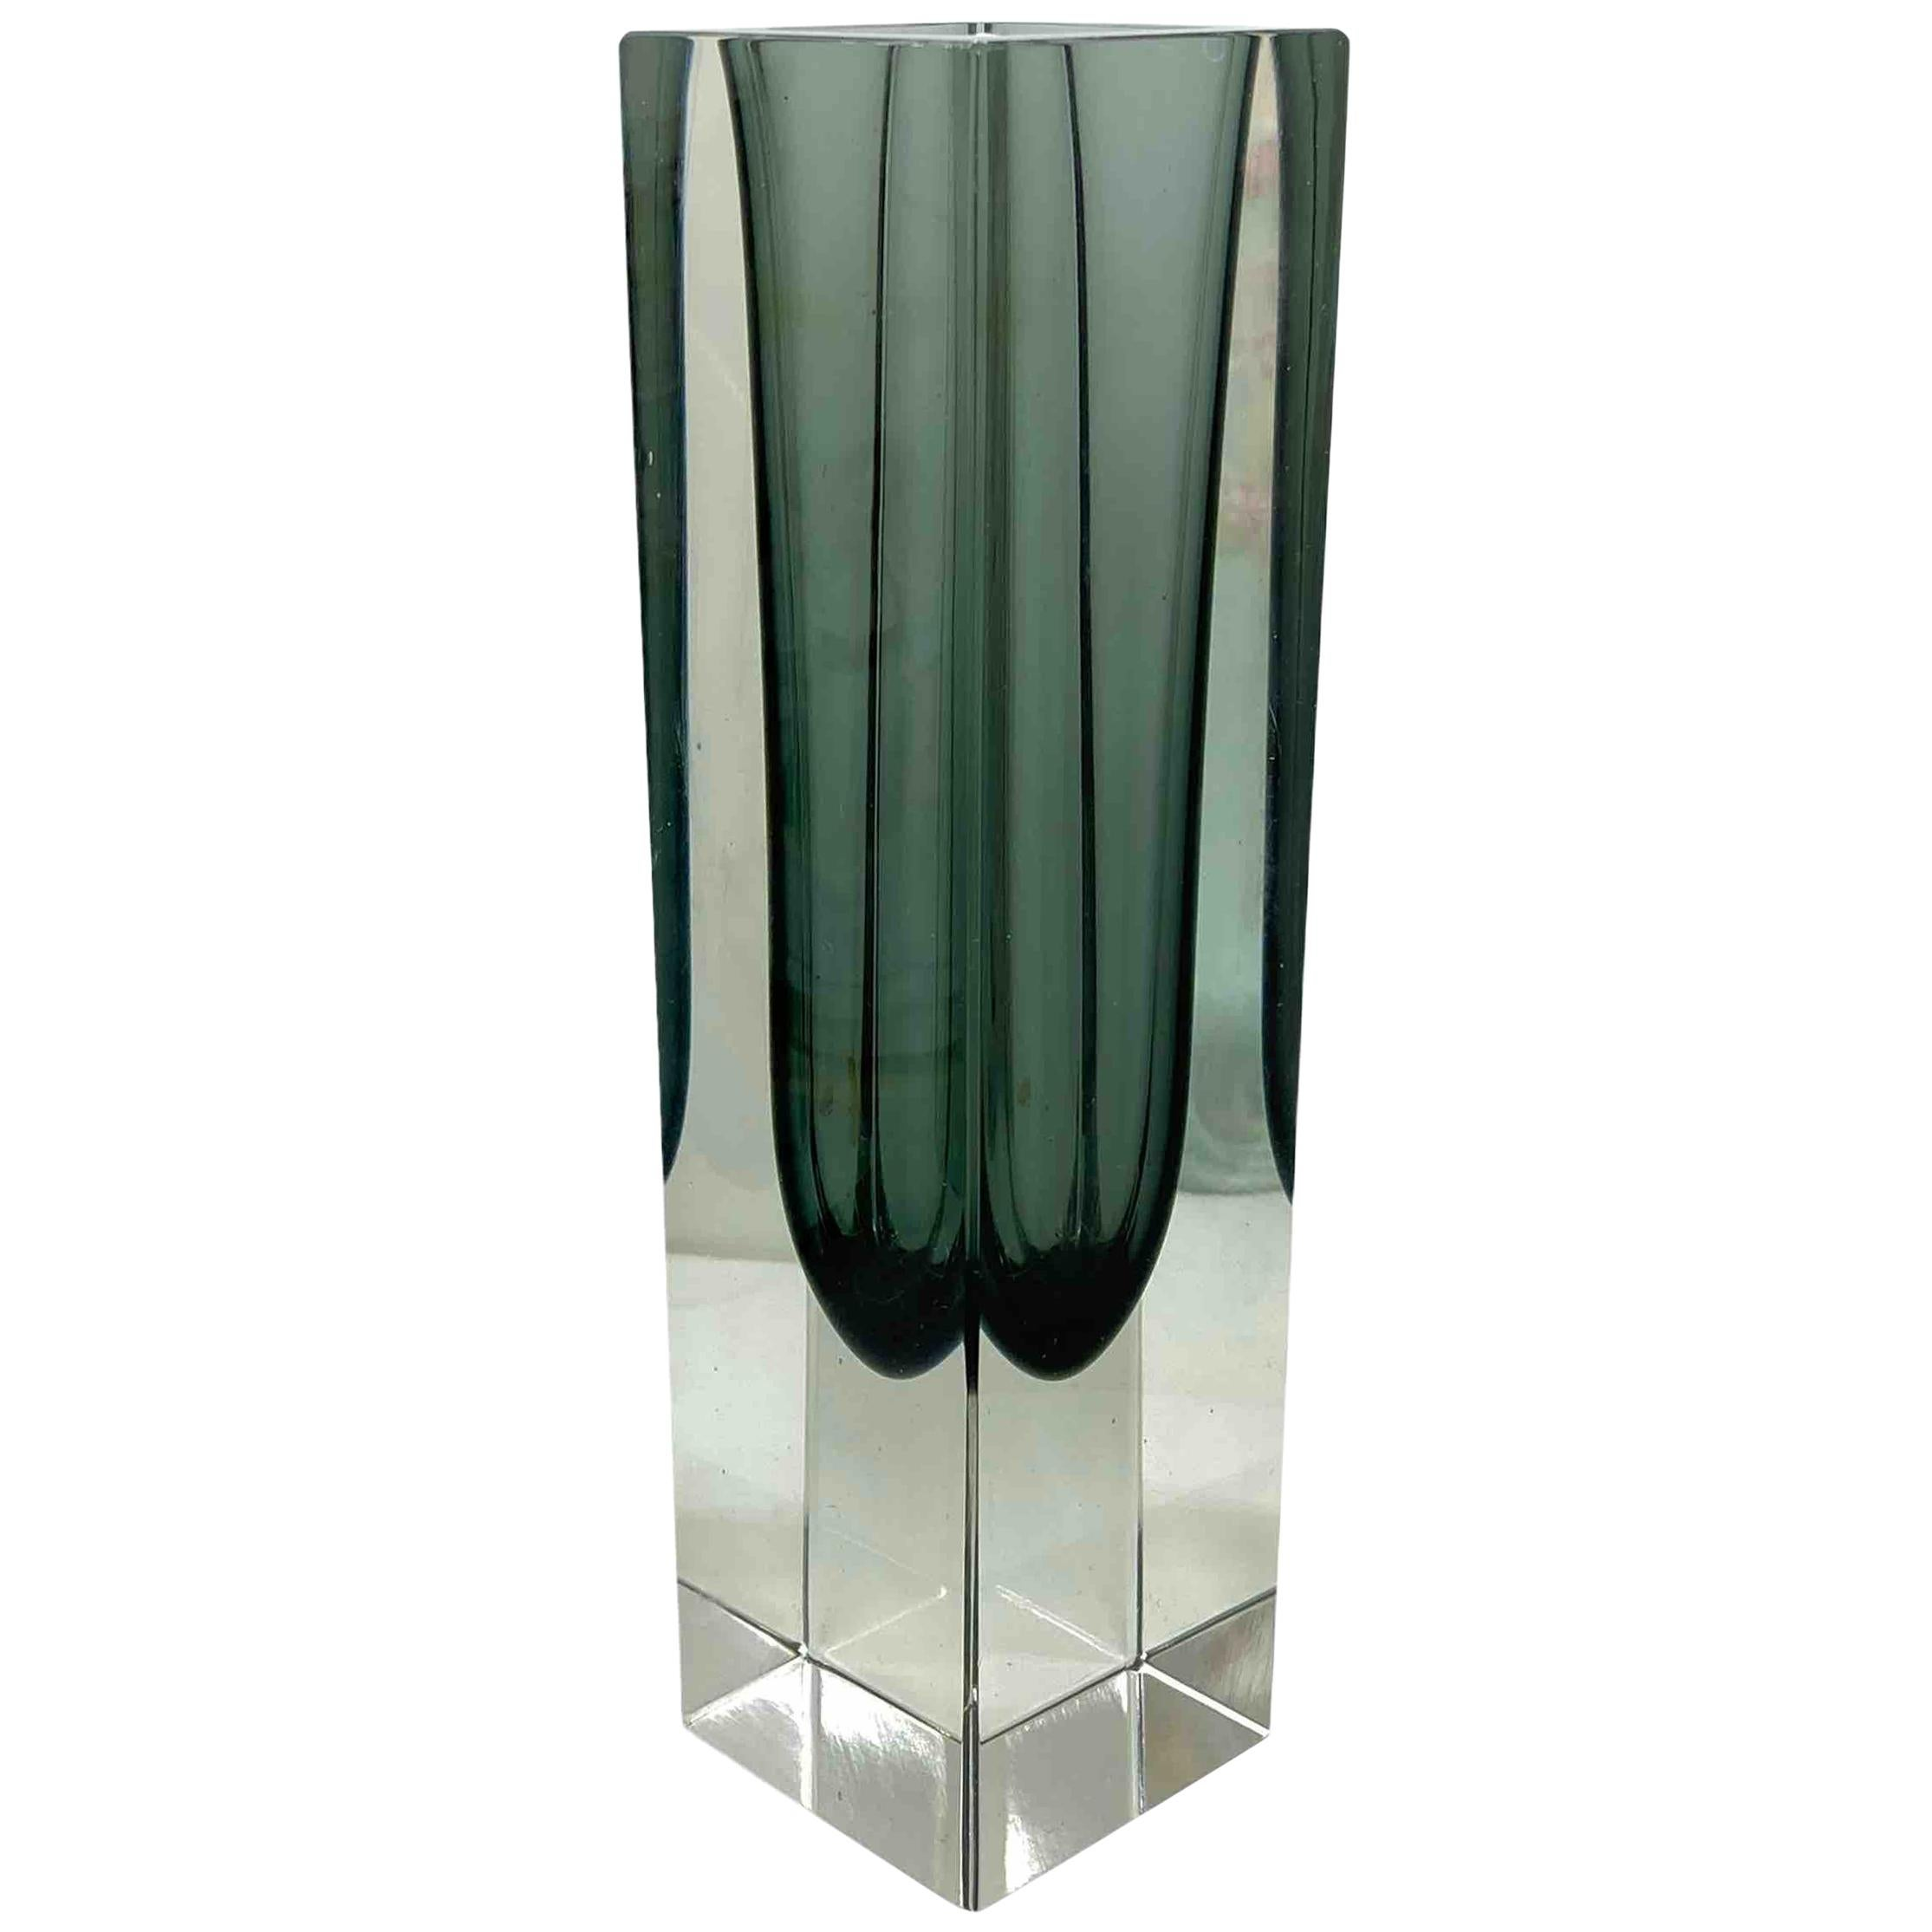 Mandruzzato Black and Clear Murano Glass Sommerso Block Vase